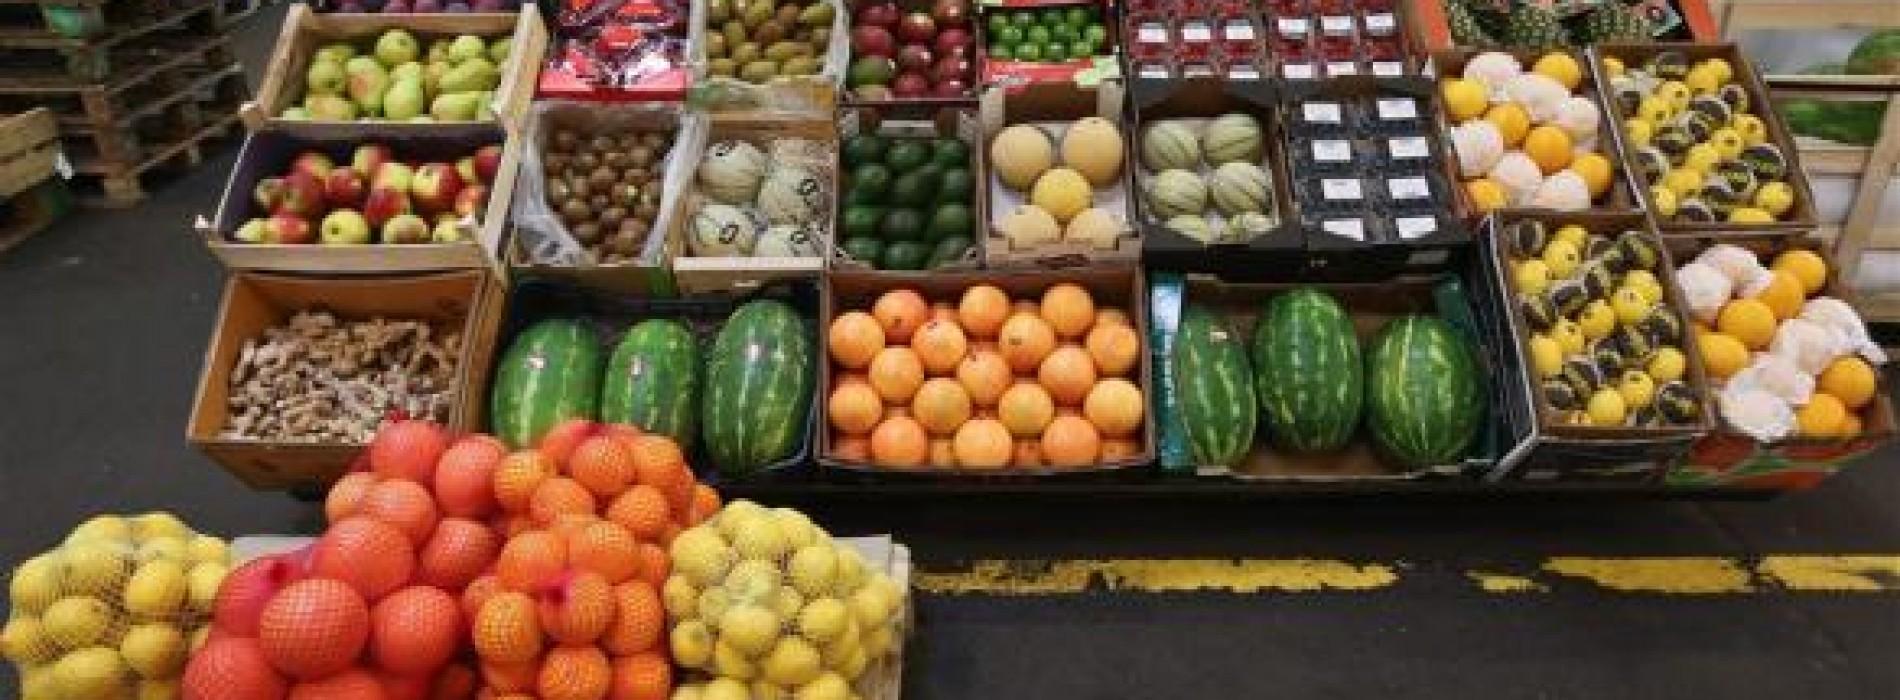 5 vreemde signalen dat je last hebt van een vitaminetekort